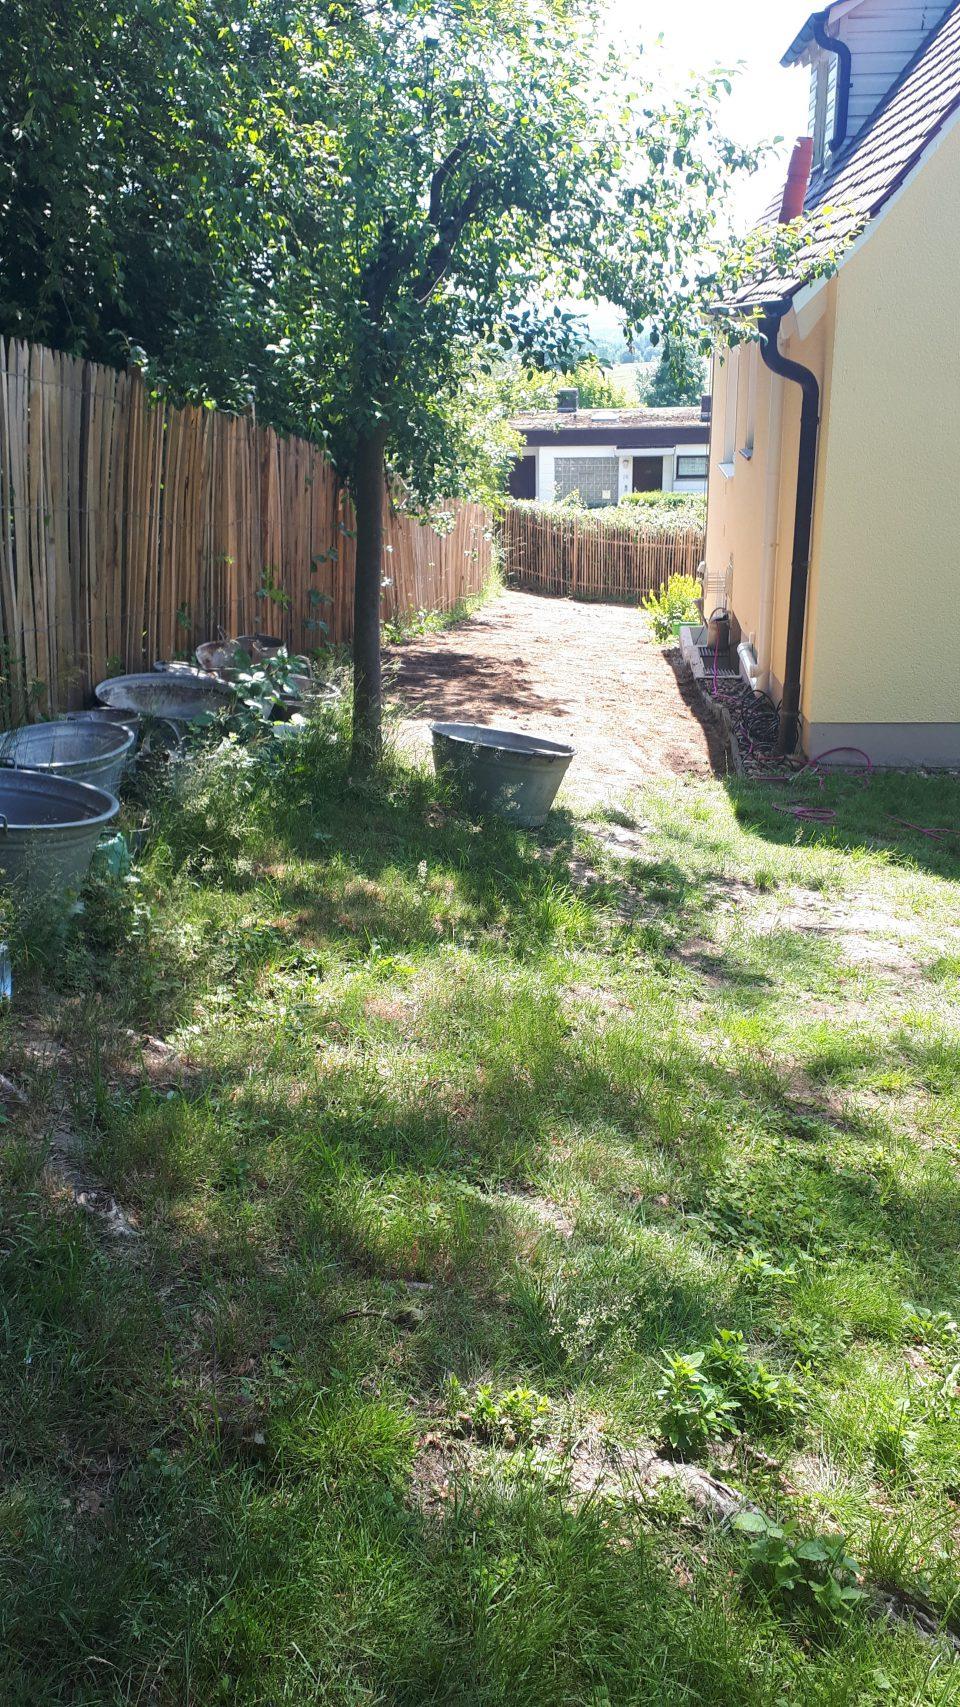 Am Staketenzaun entlang soll der Gartenbereich mit einer großen Sammlung an Zinkgefäßen entstehen.